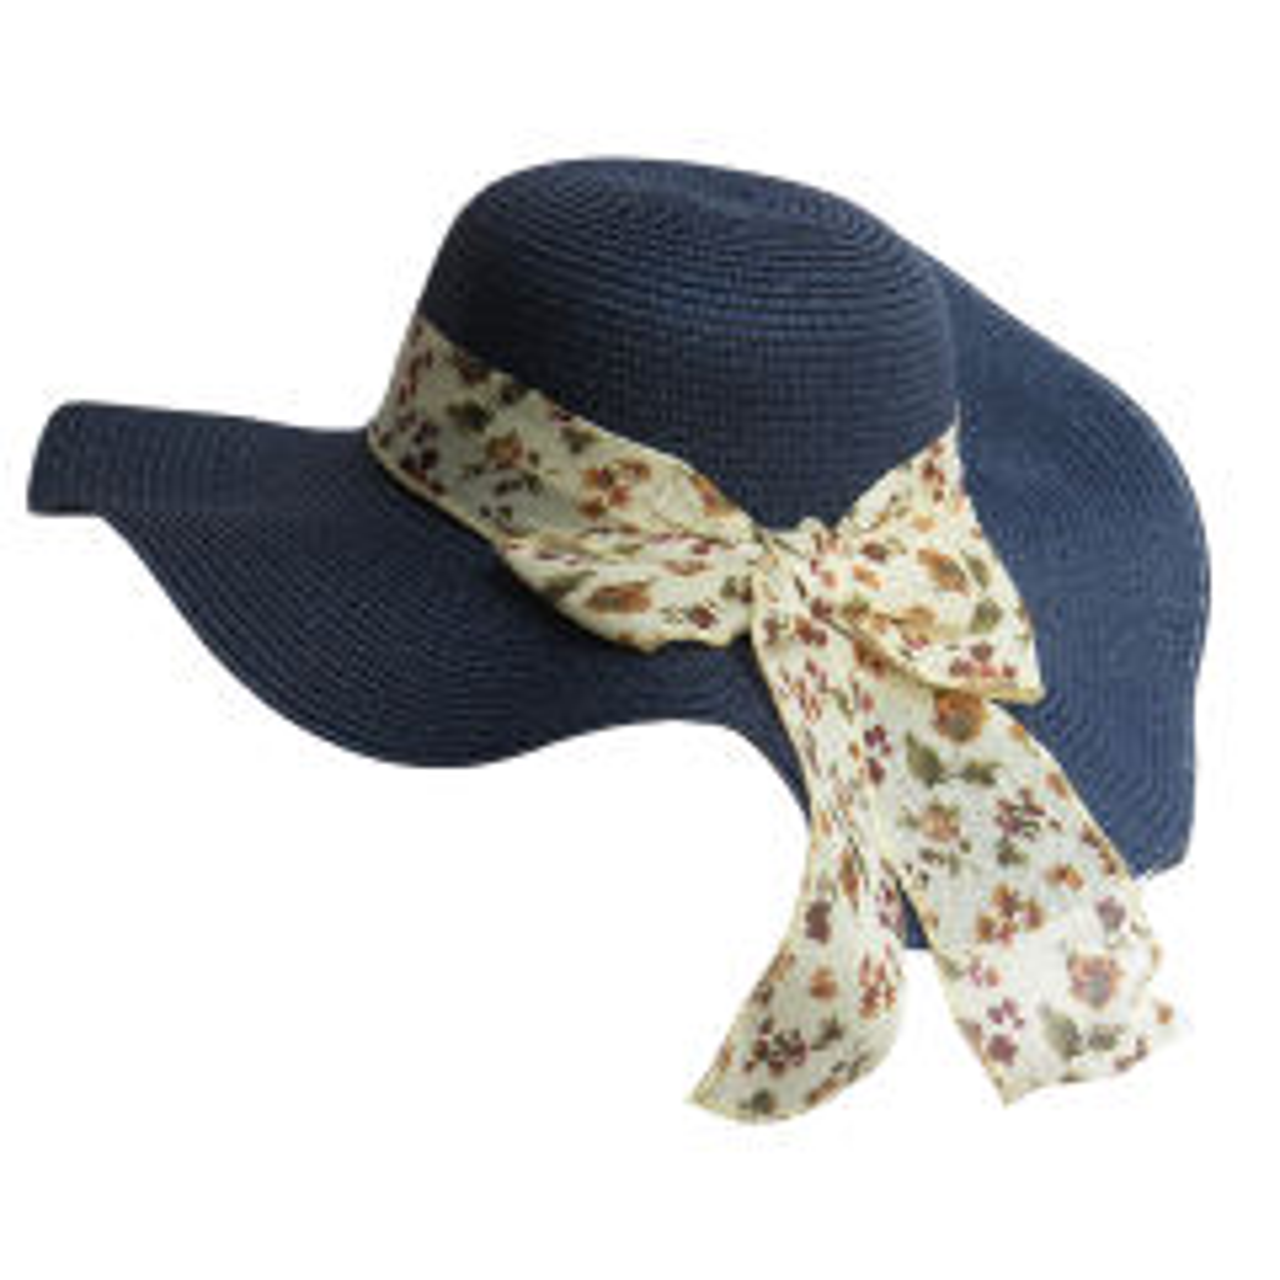 کلاه زنانه آفتابی مدل SUN-001 رنگ سرمه ای